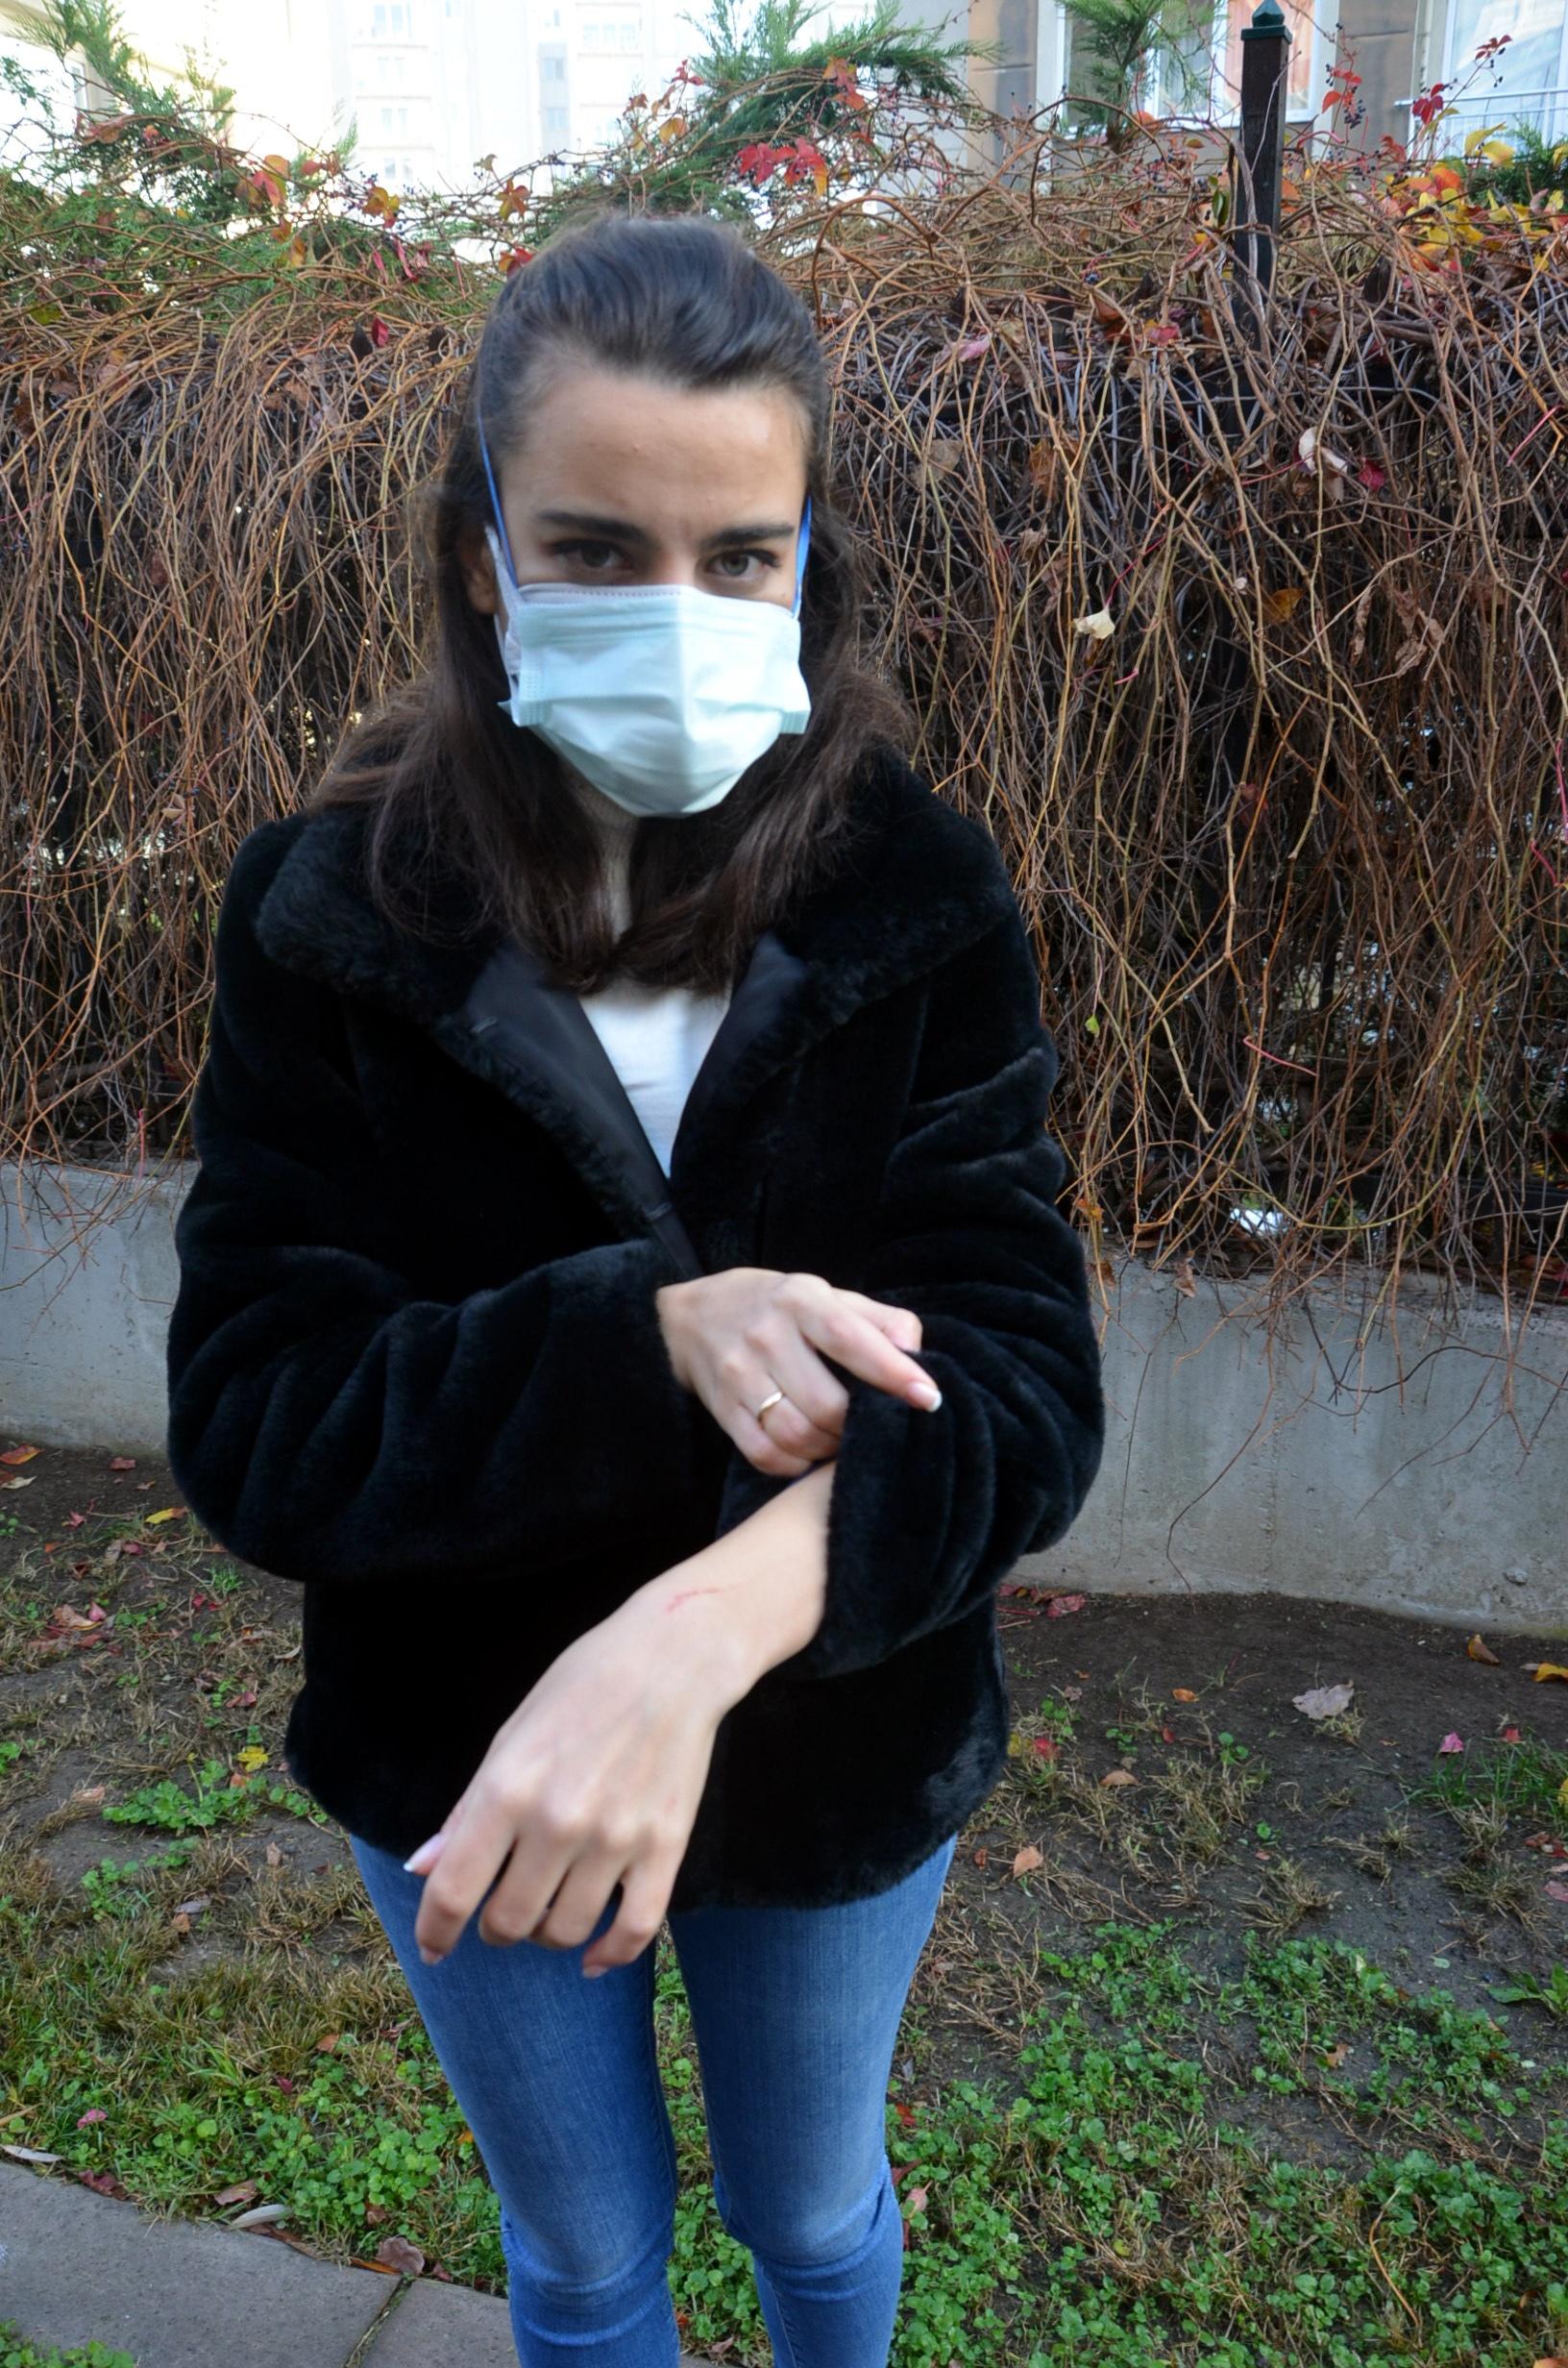 Maske uyarısı yapan doktora saldırmıştı, serbest bırakıldı!